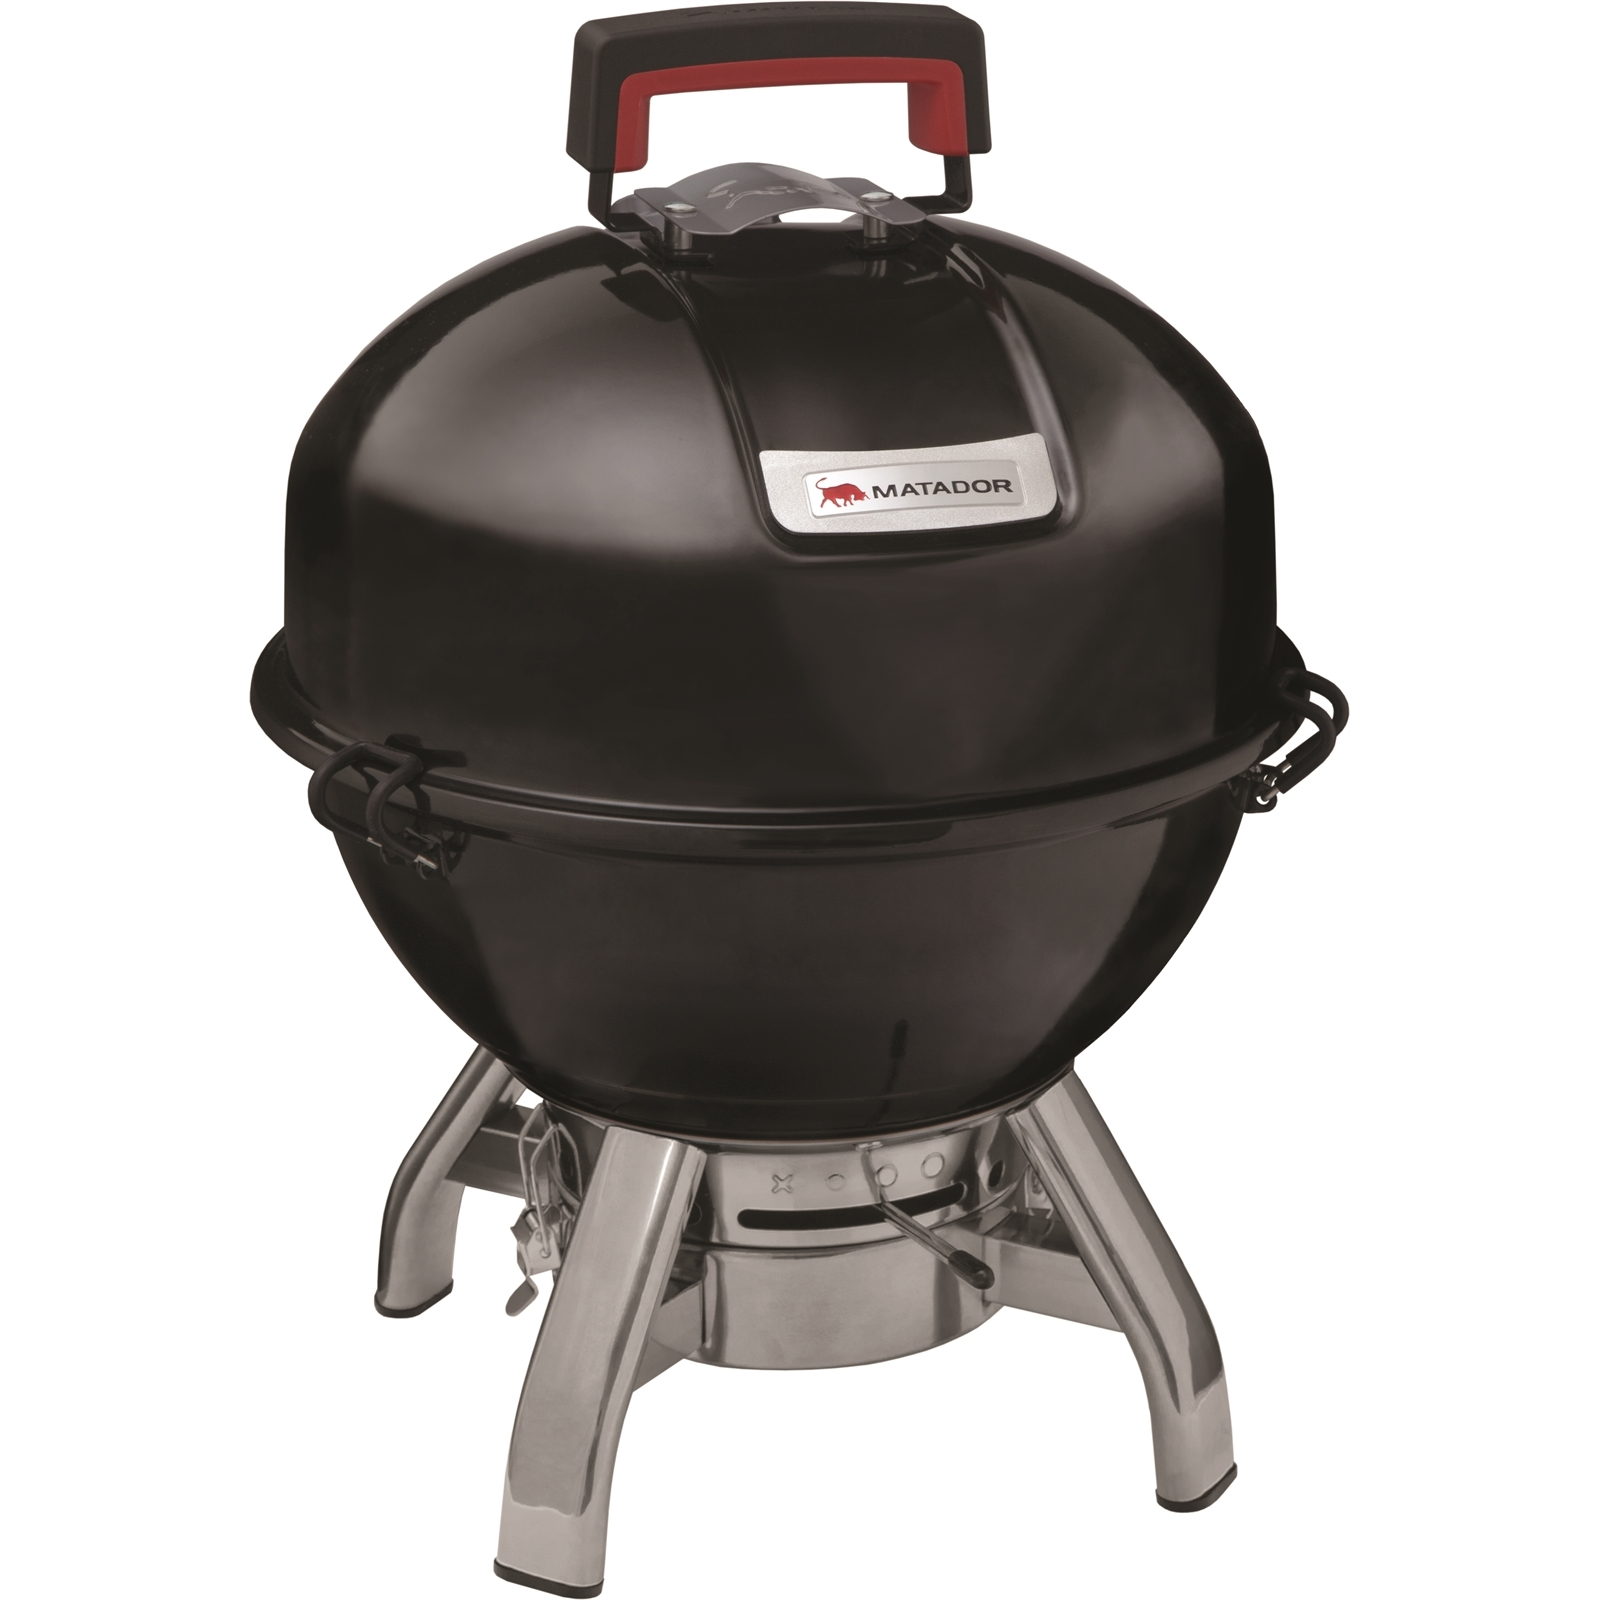 Matador Radiant Go Portable Charcoal BBQ